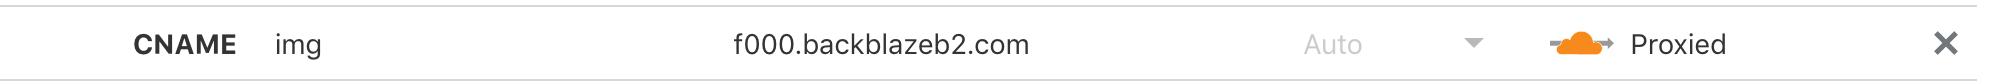 新增一条cname记录到backblazeb2.com